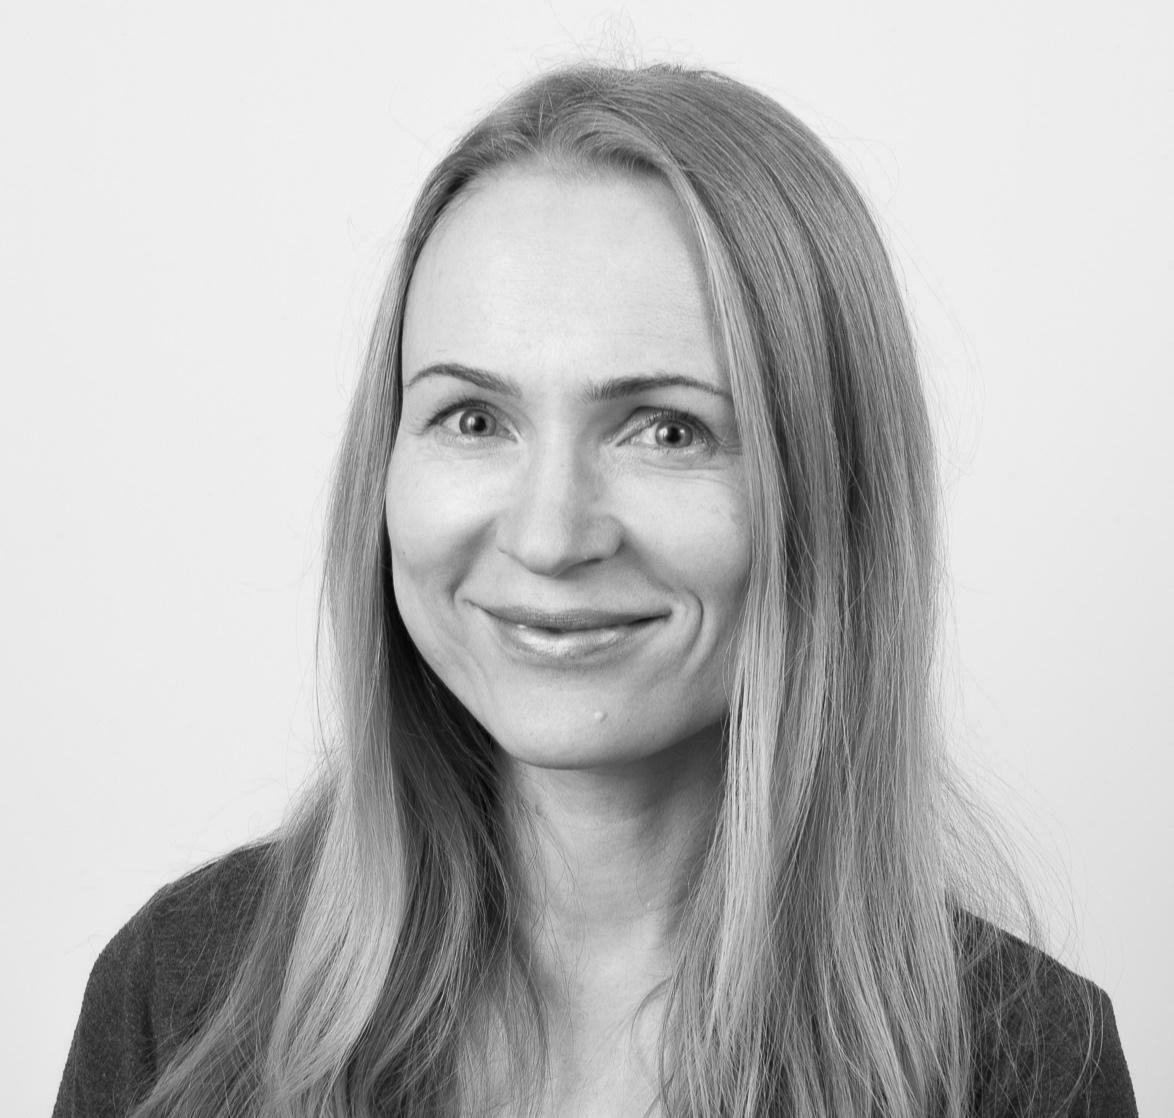 MARIE CALLIN ØSTERN  Arkitekt MNAL  + 47 41 25 83 53 / marie@arkitektvaerelset.no